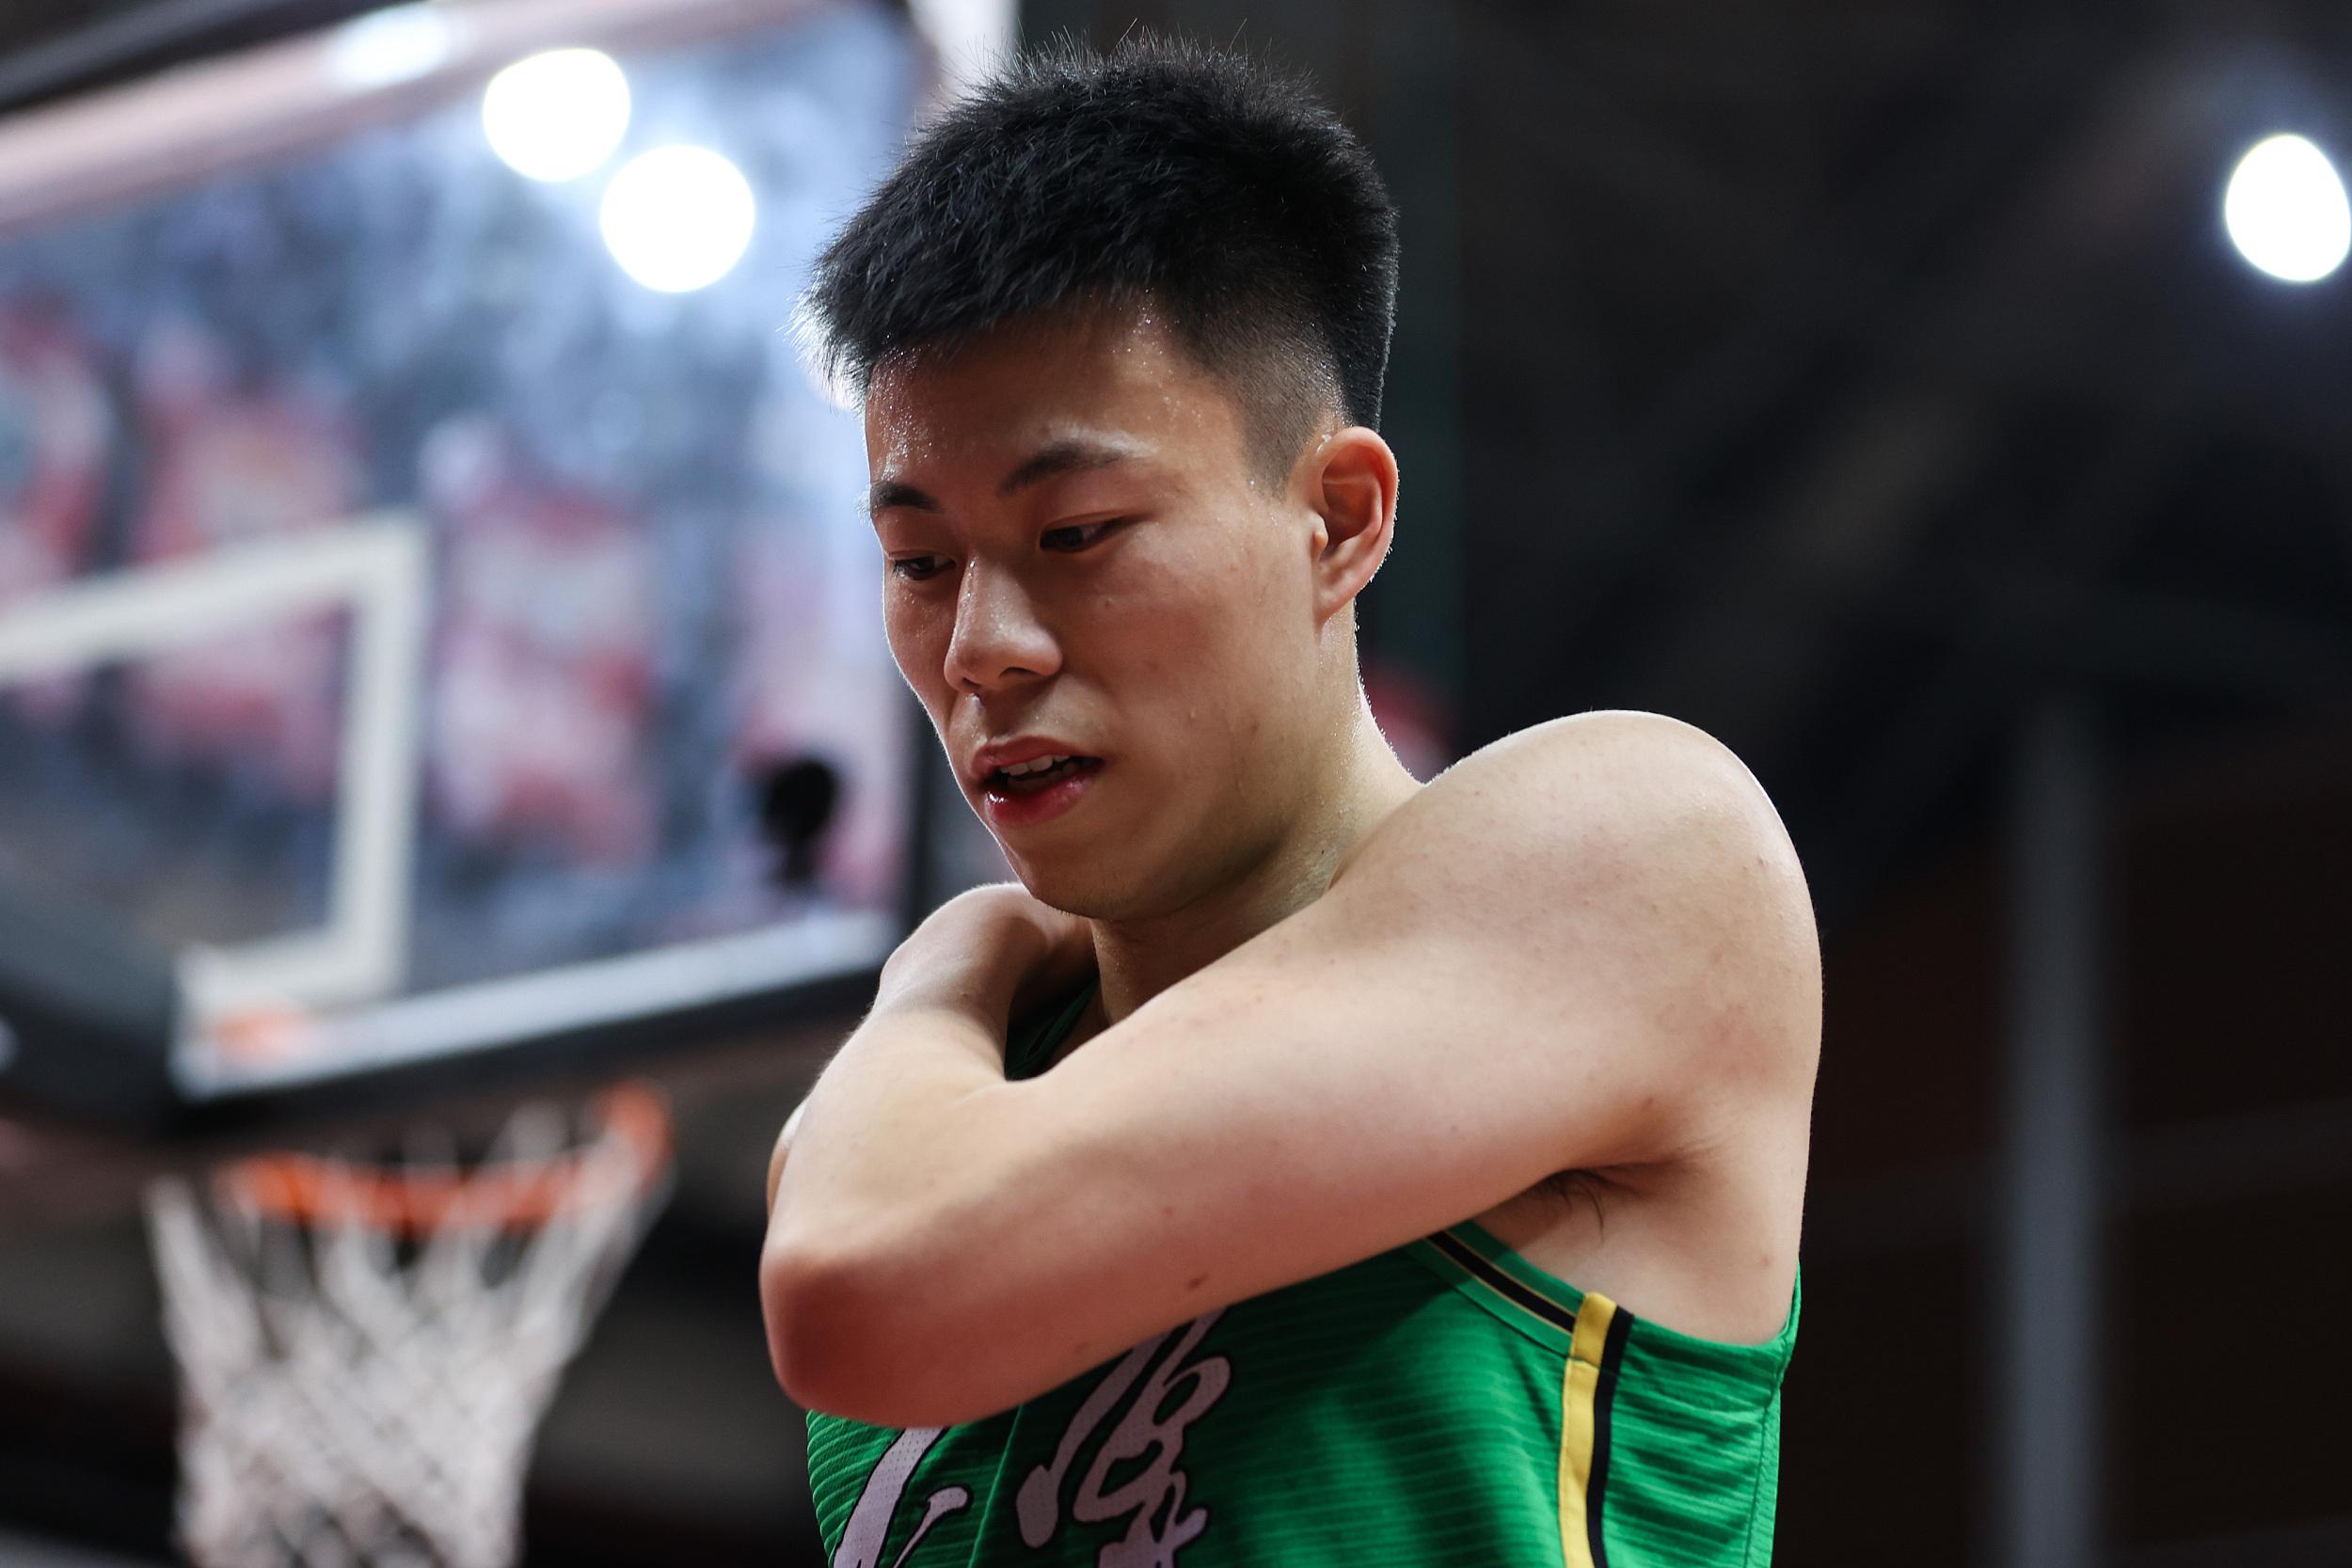 22岁的张镇麟已经入选过中国男篮集训队。